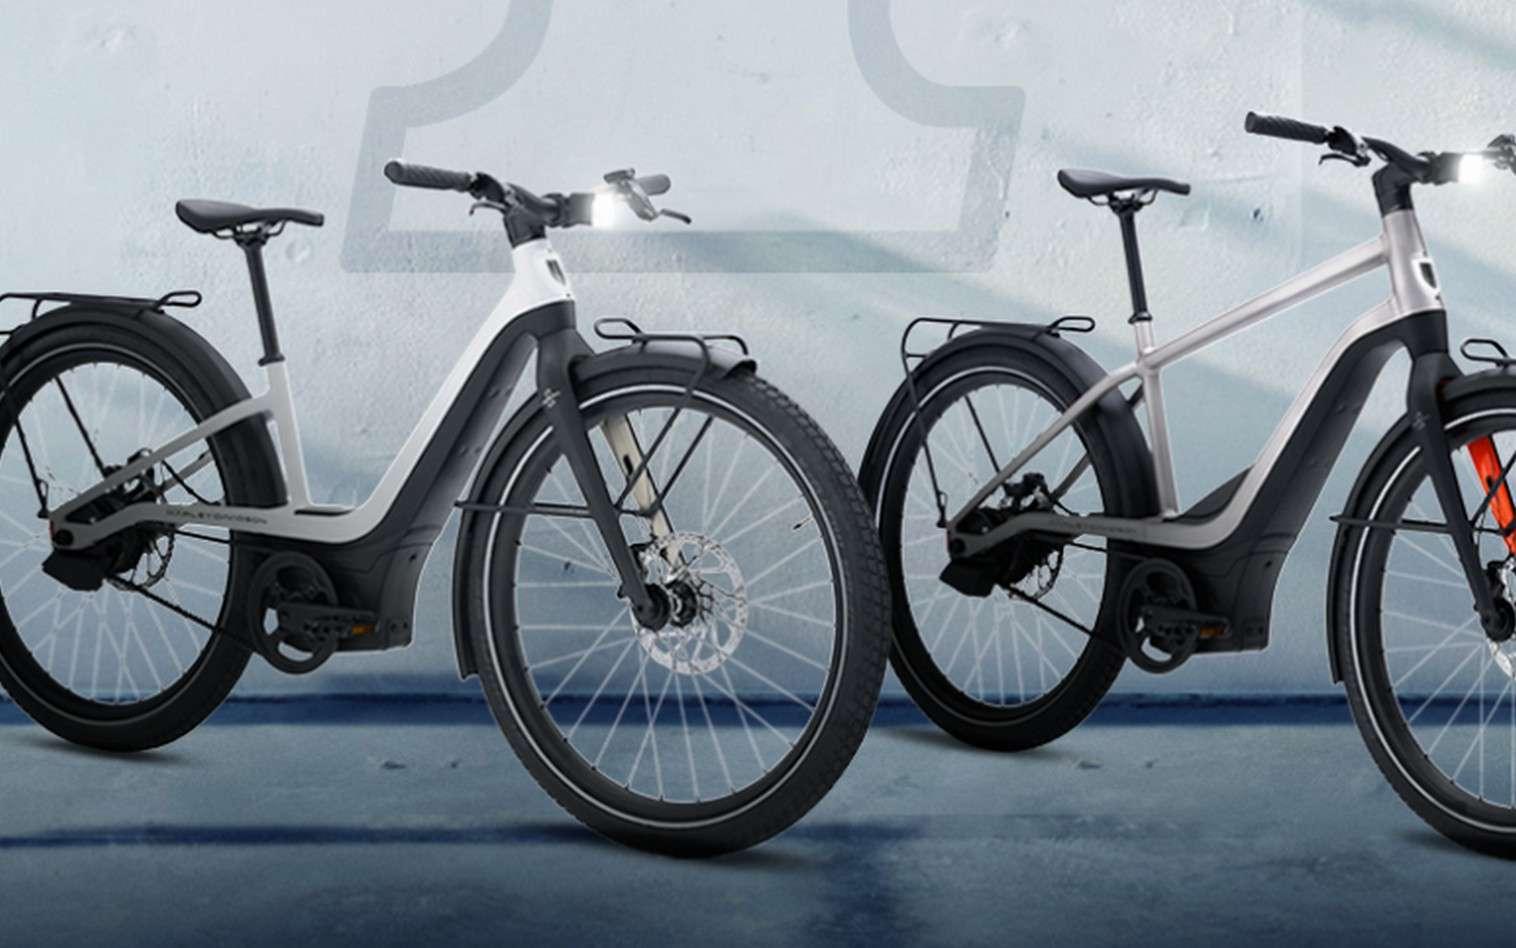 La gamme Serial 1 se compose de quatre modèles de VAE. © Serial 1 Cycle